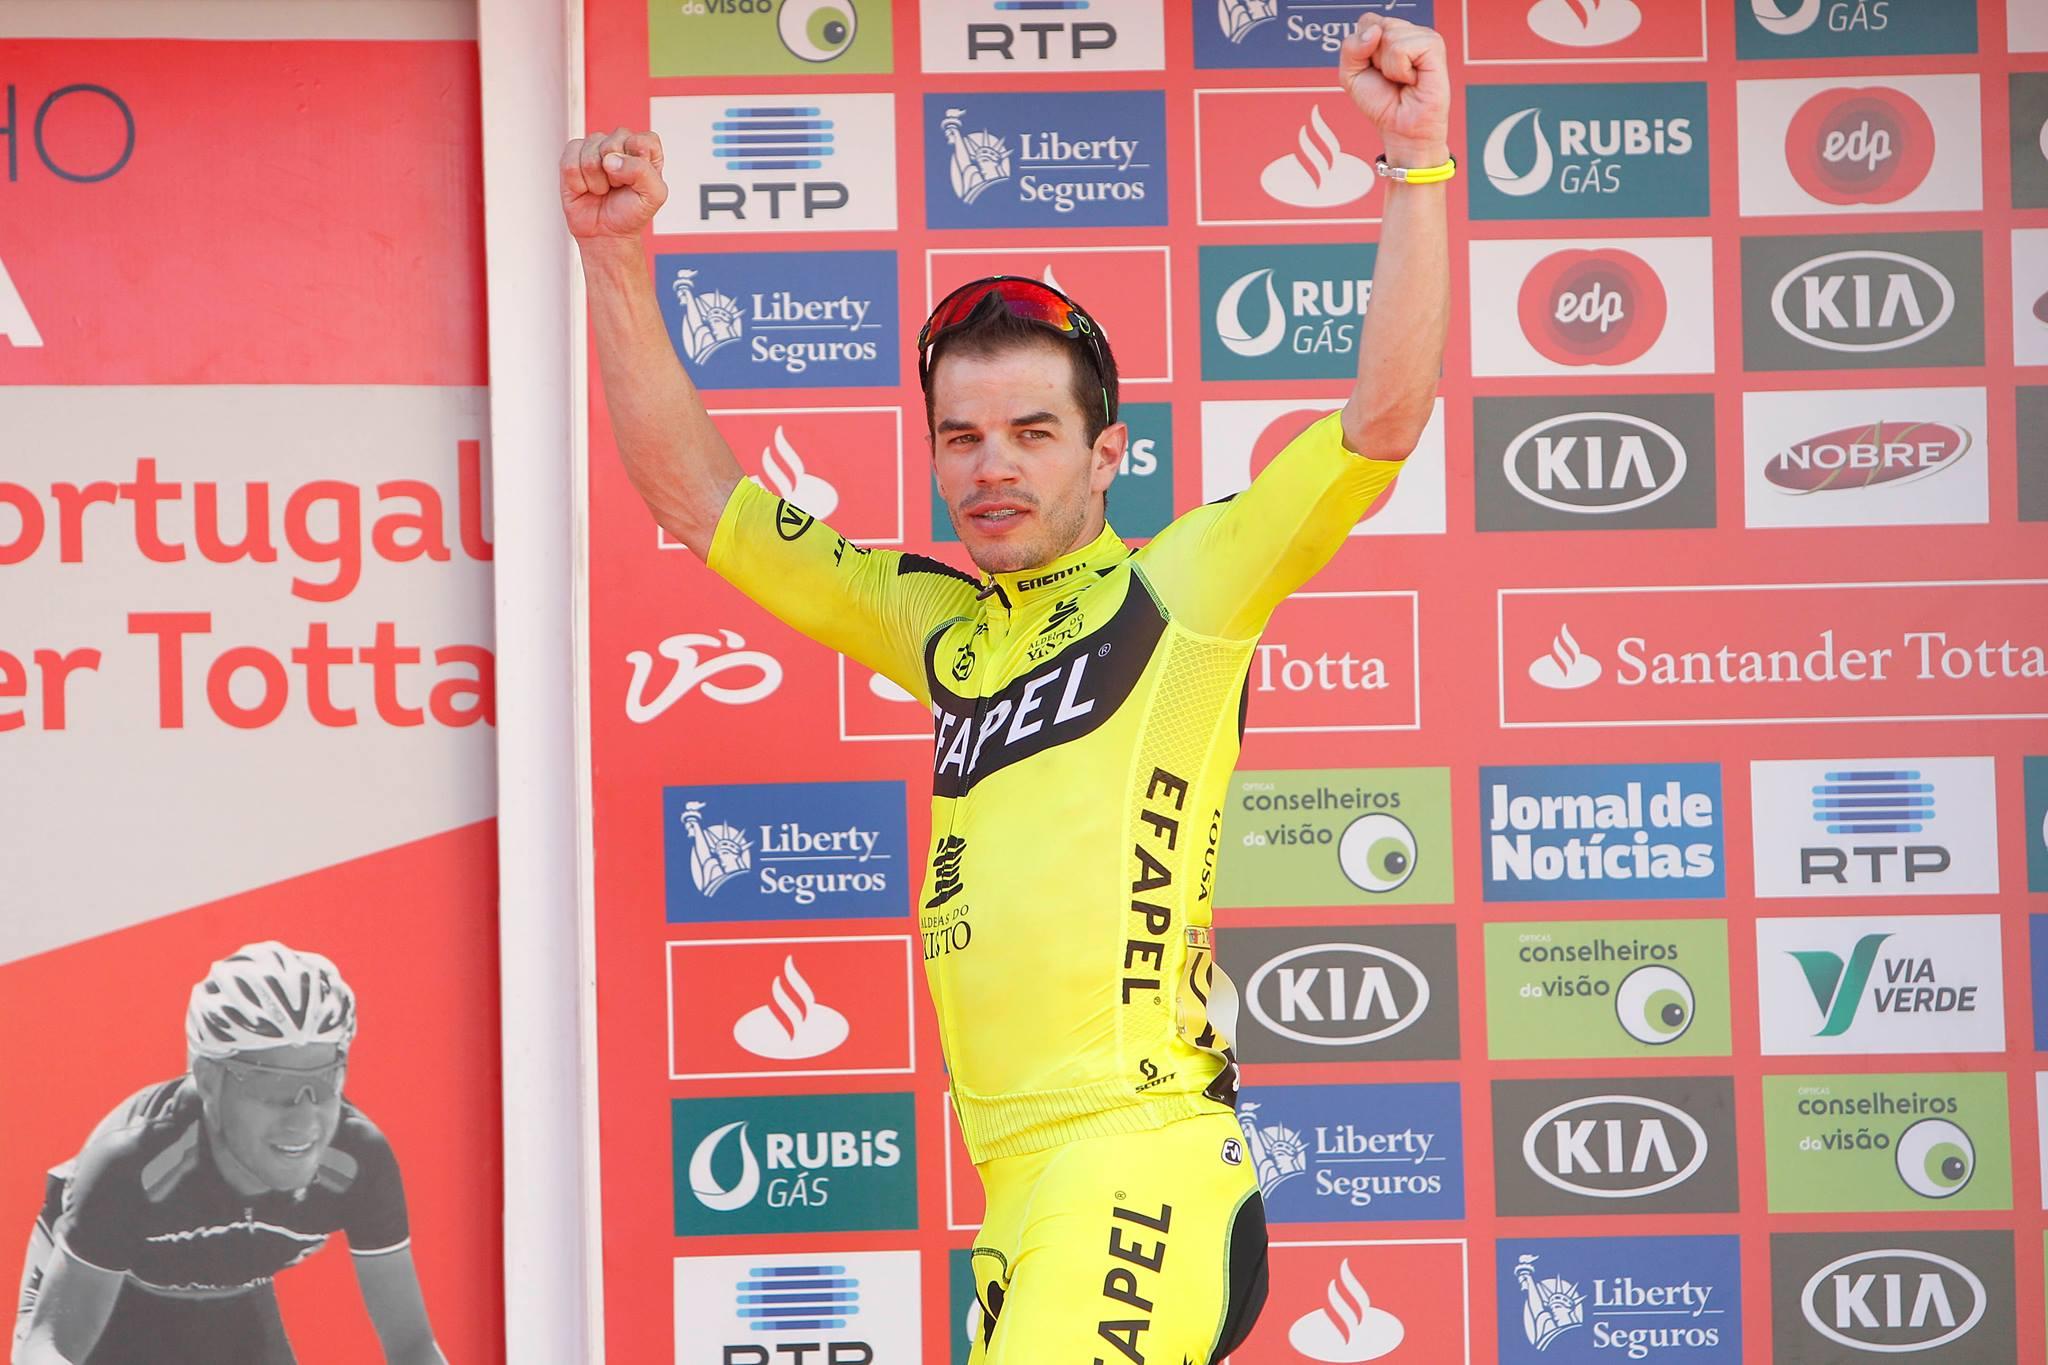 Daniel Mestre 78ª Volta a Portugal Santander Totta - 1ª Etapa (3)